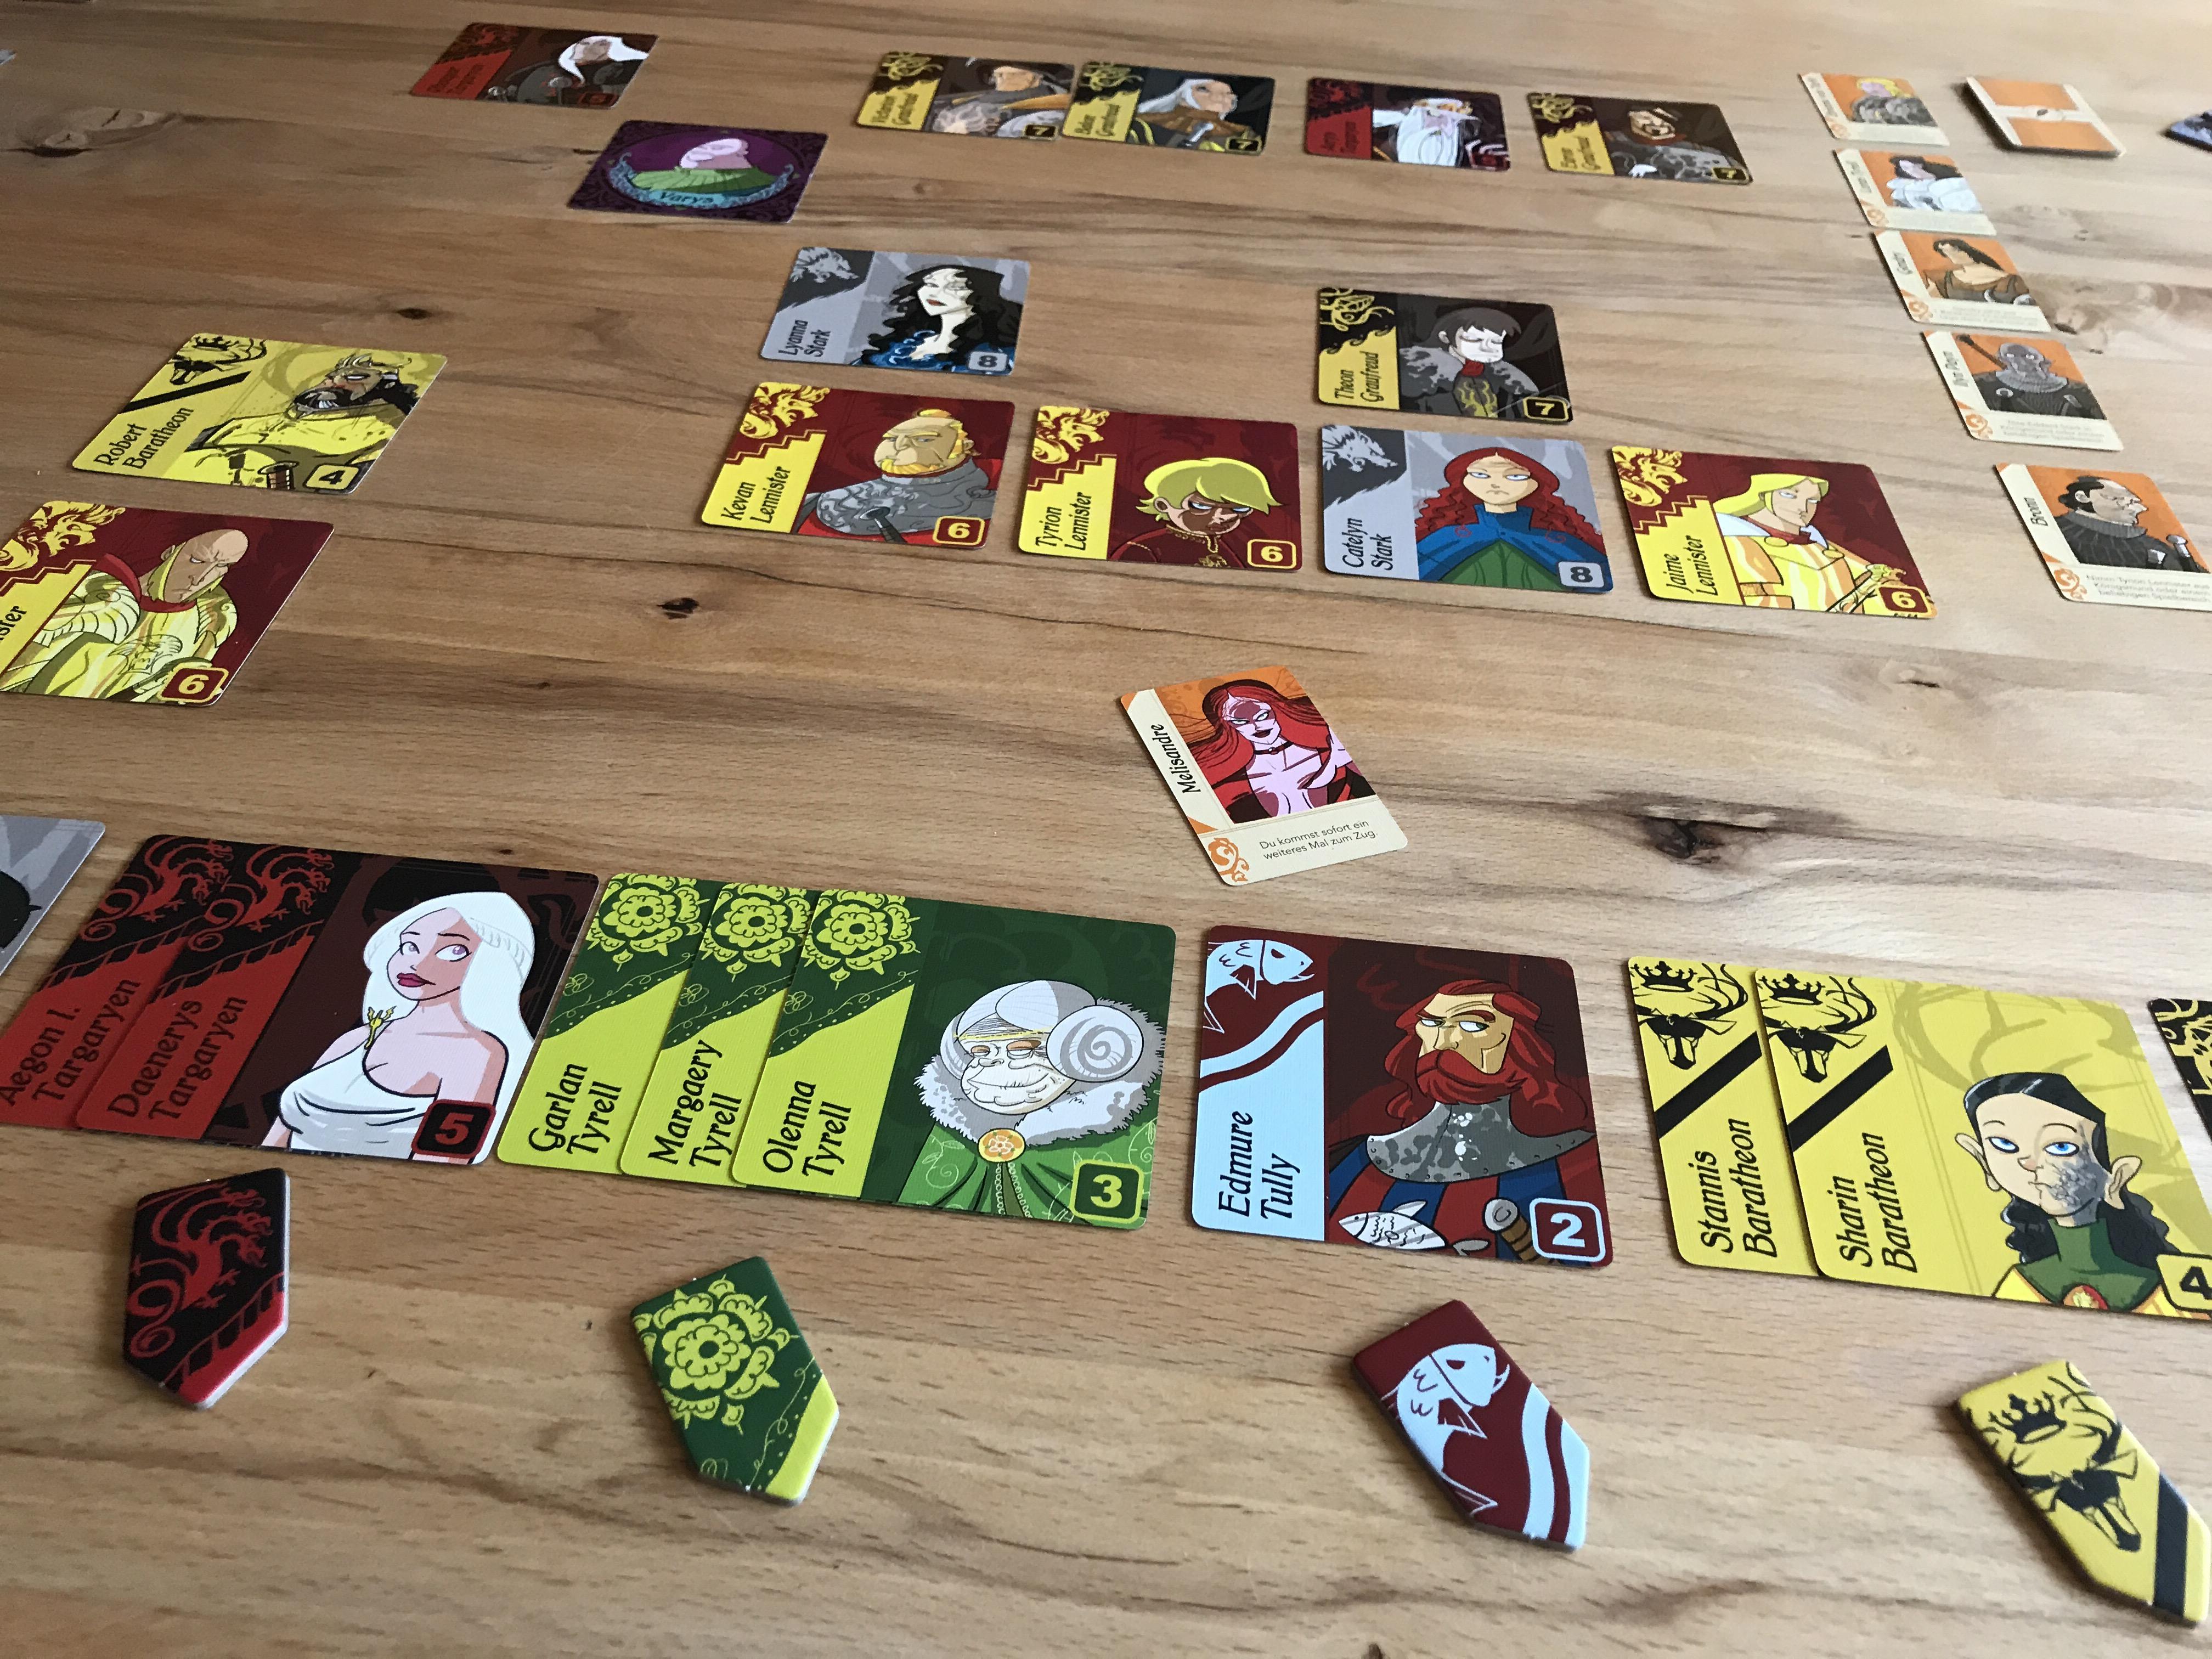 Spielbereich von Game of Thrones - Die Hand des Königs